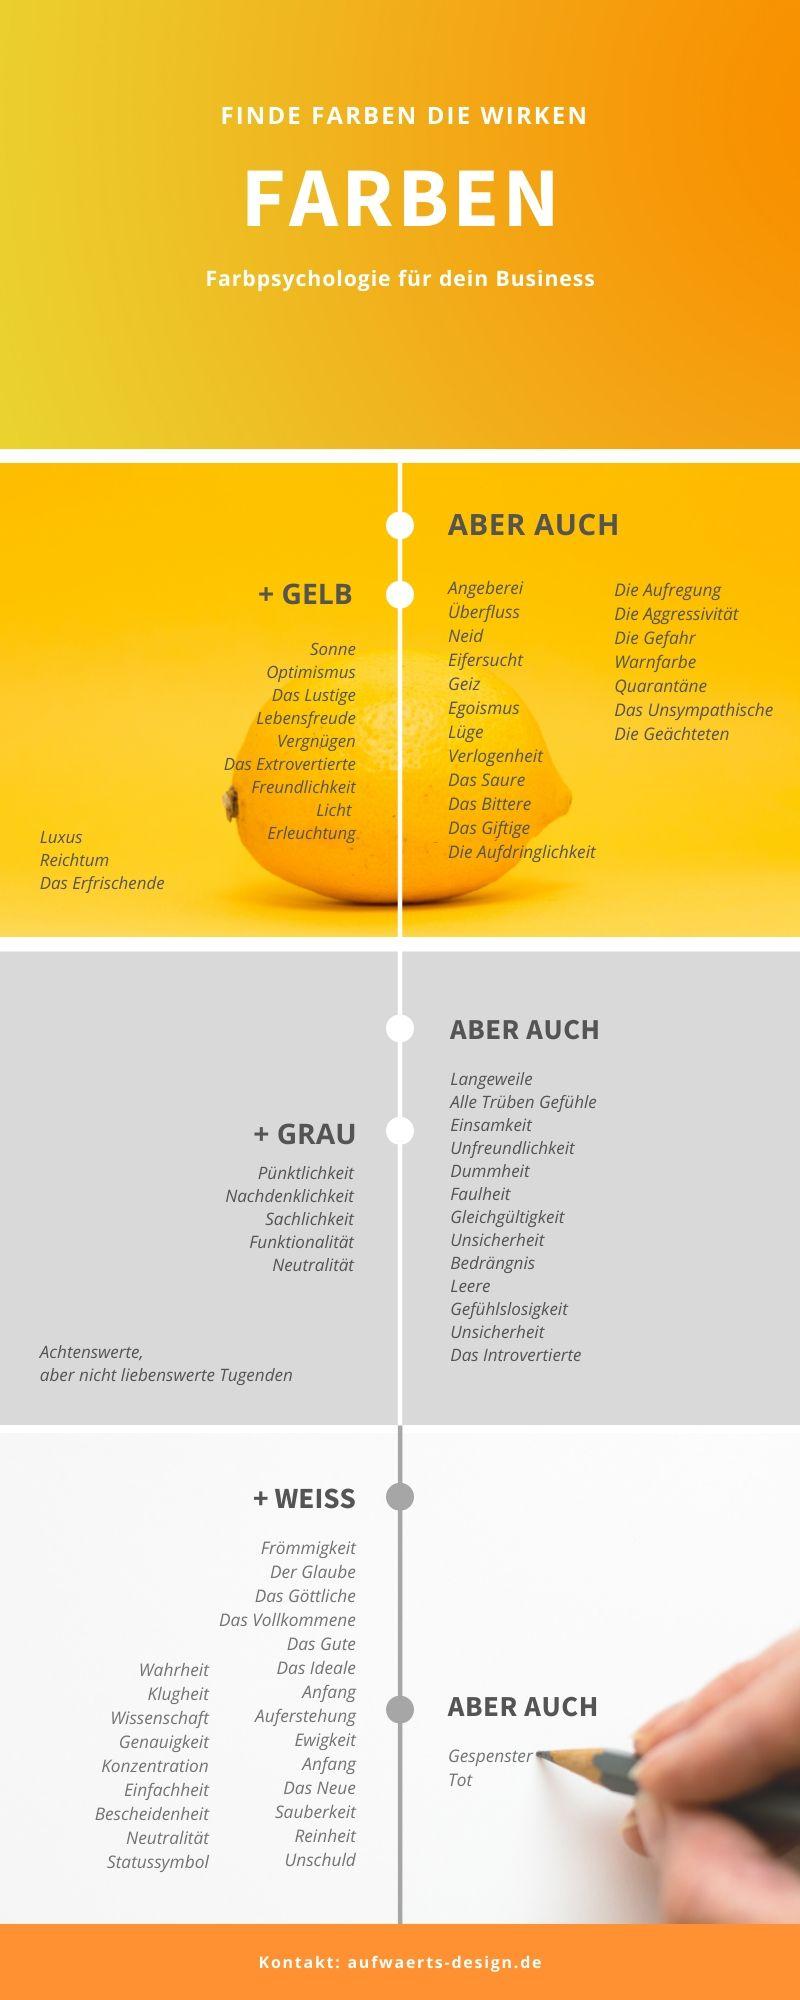 Farbwirkung: Gelb, Grau, Weiß